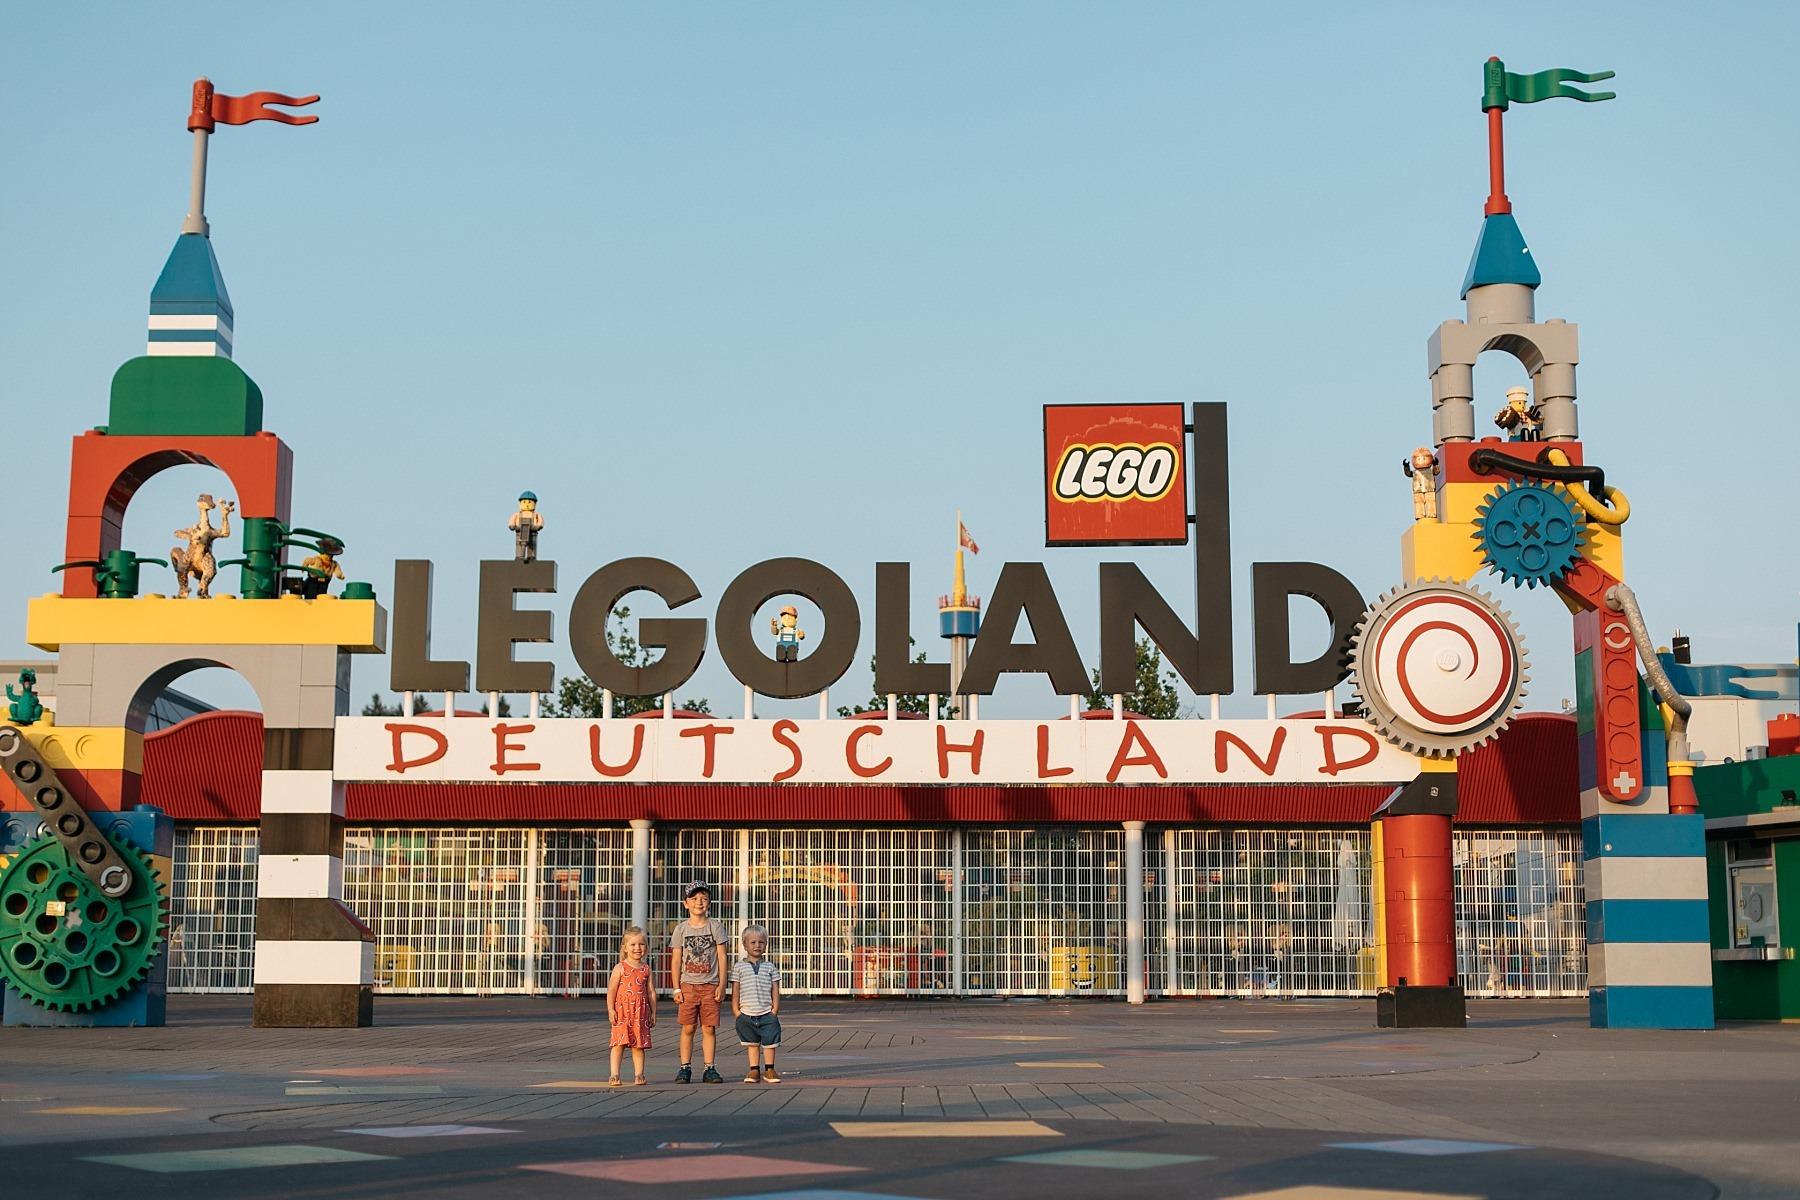 Legoland - 57 millions de briques Lego 77